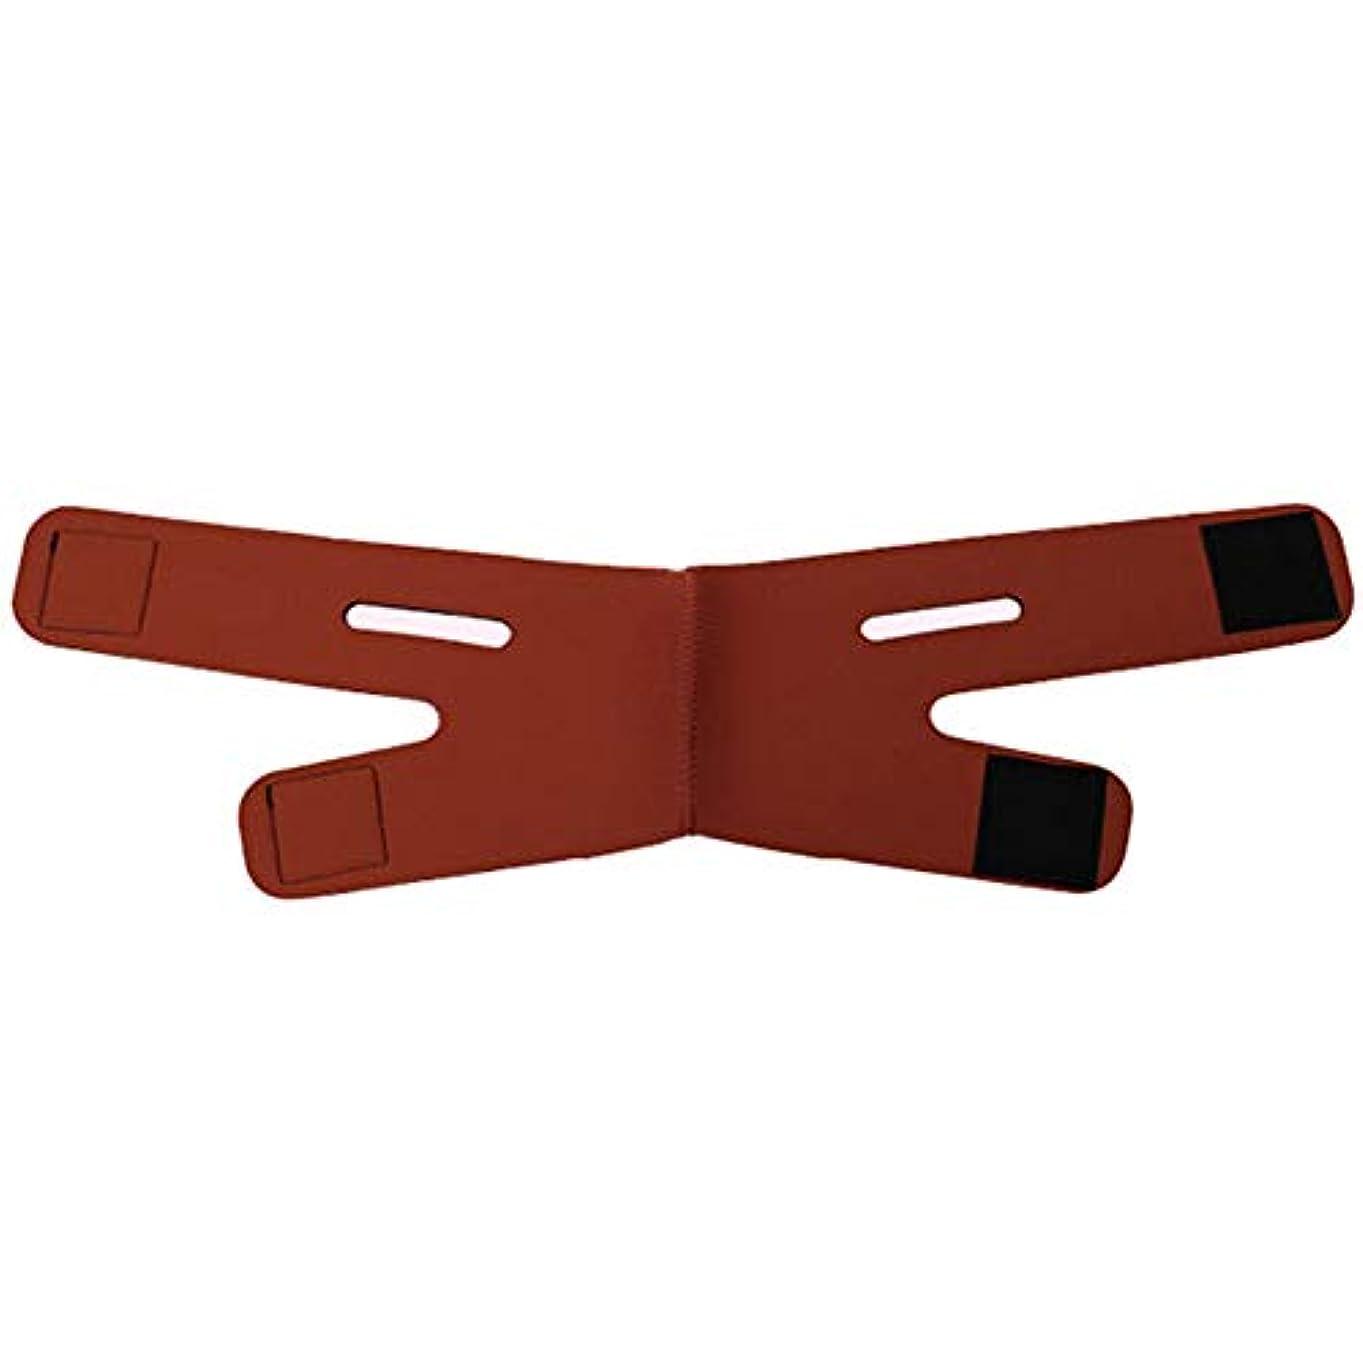 起きろ武装解除フォージGYZ フェイシャルリフティング痩身ベルト圧縮二重あご減量ベルトスキンケア薄い顔包帯二重あごワークアウト Thin Face Belt (Color : Red)